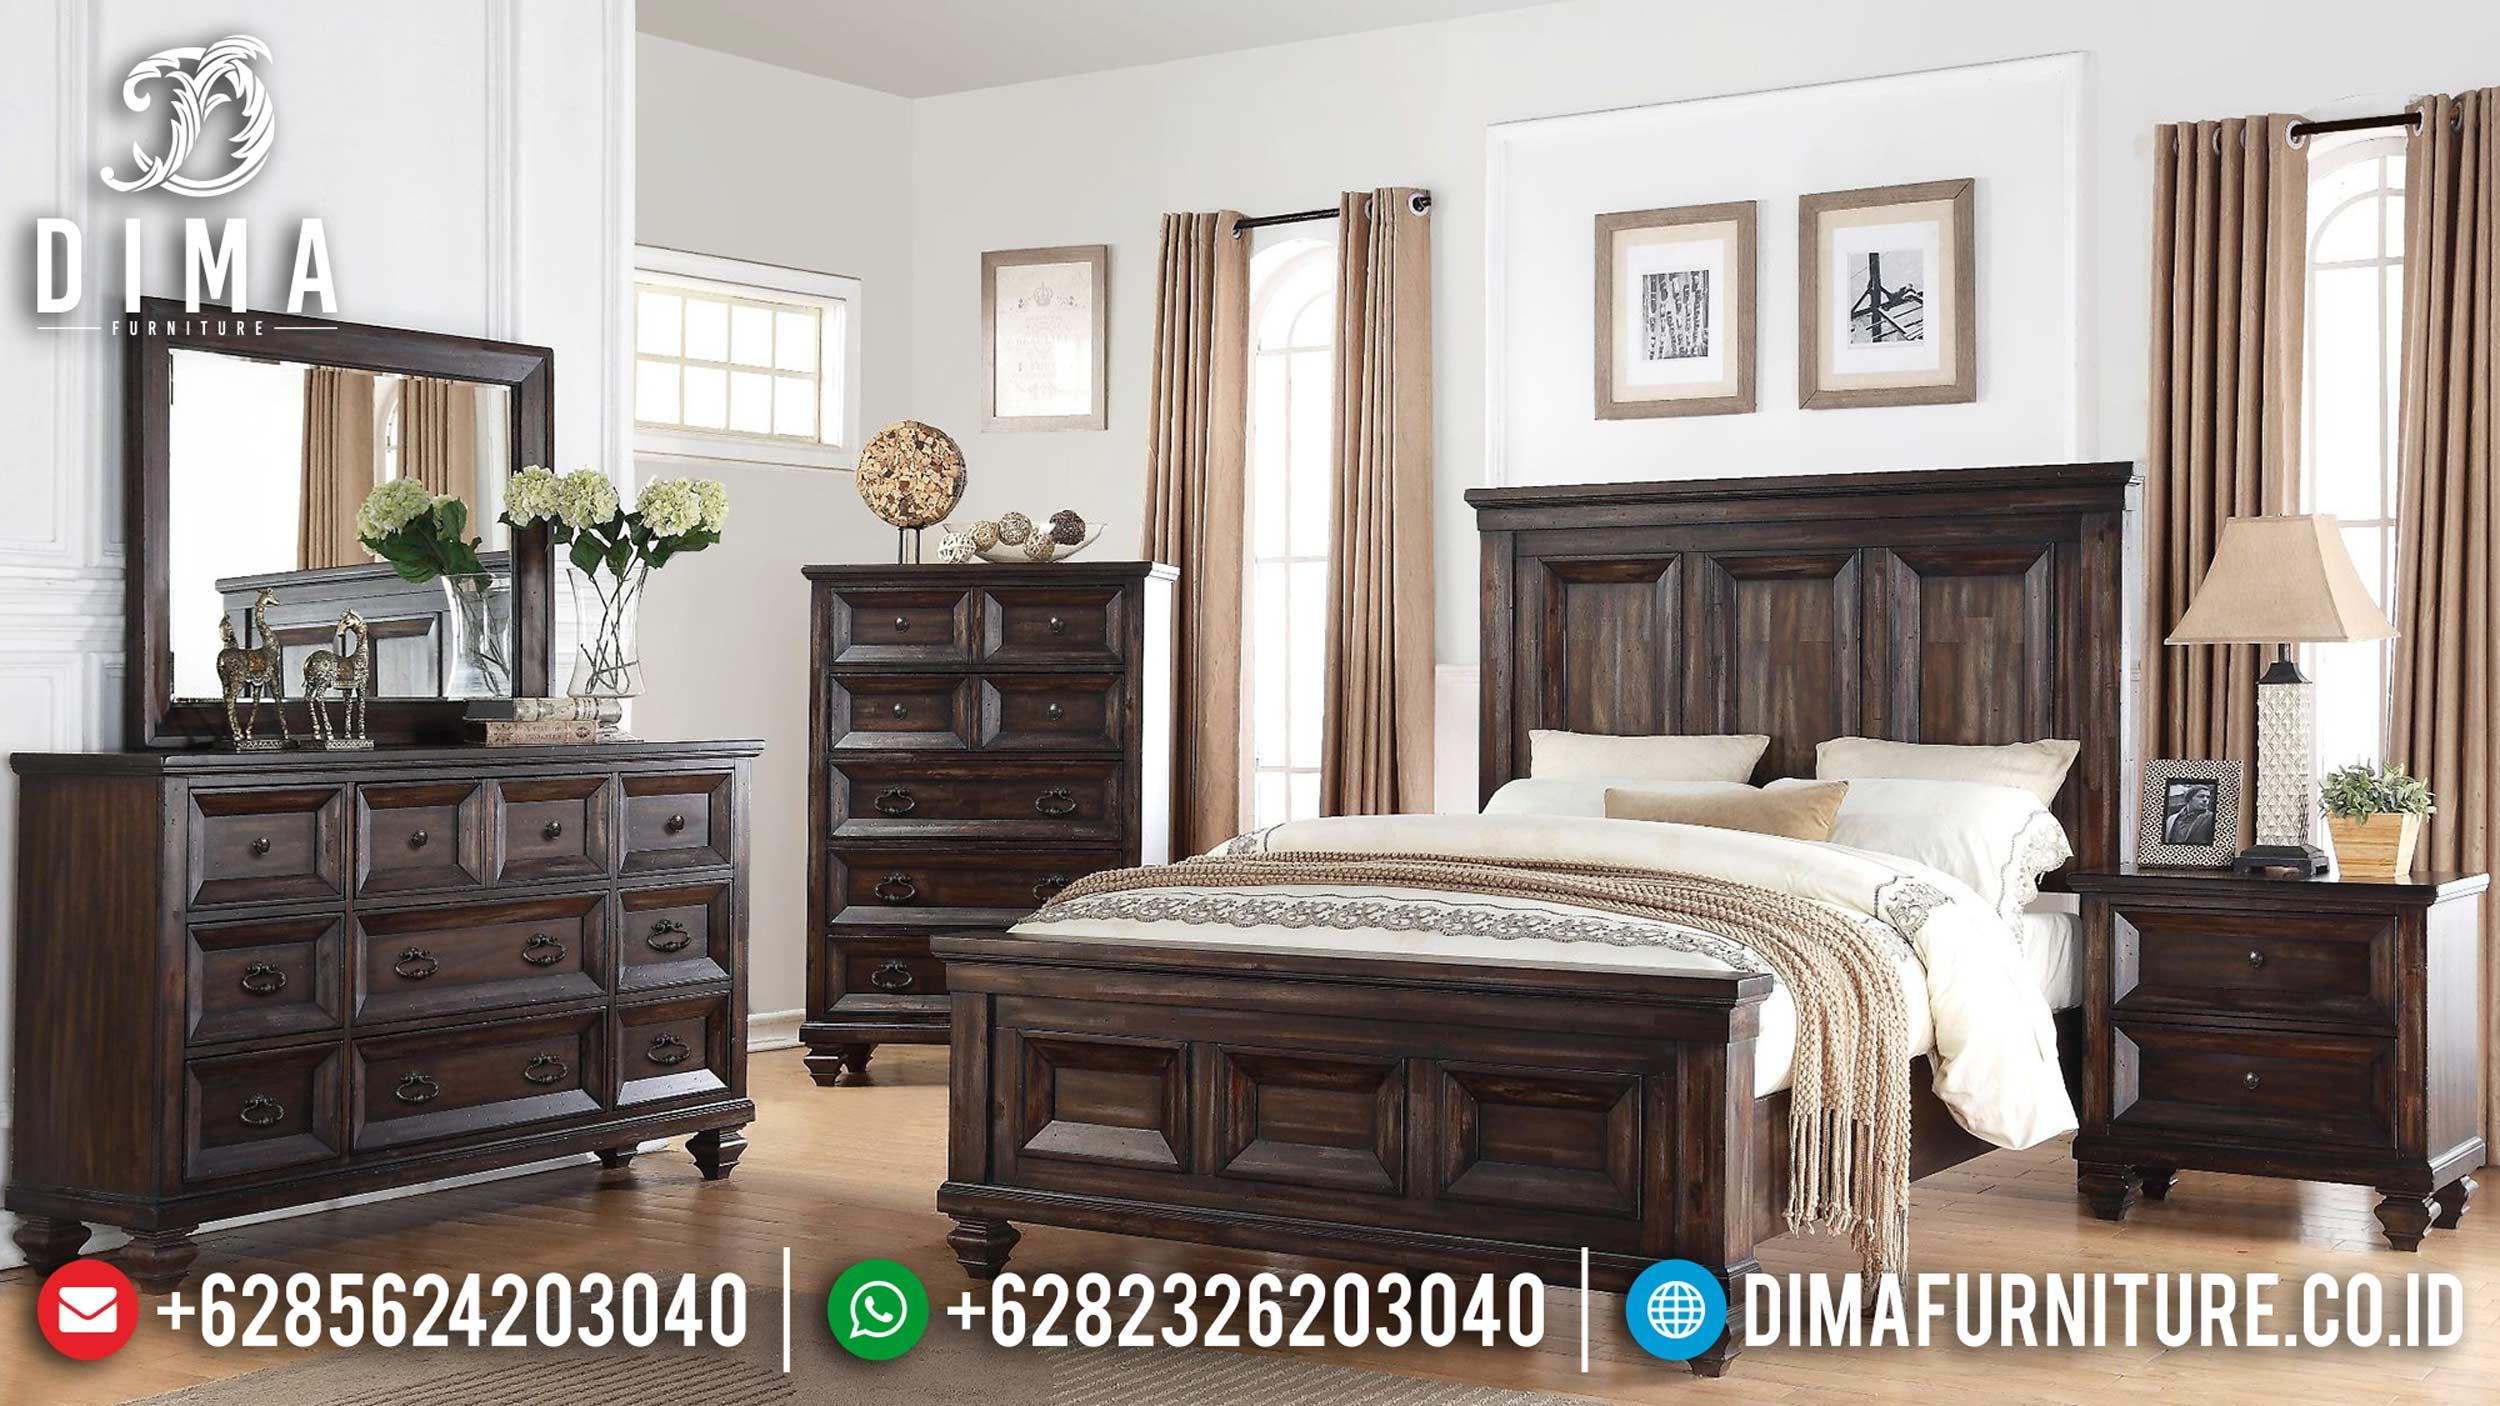 20+ Tempat Tidur Jepara Mewah Dan Minimalis Pilihan Tahun 2019 025 Dima Furniture Jepara